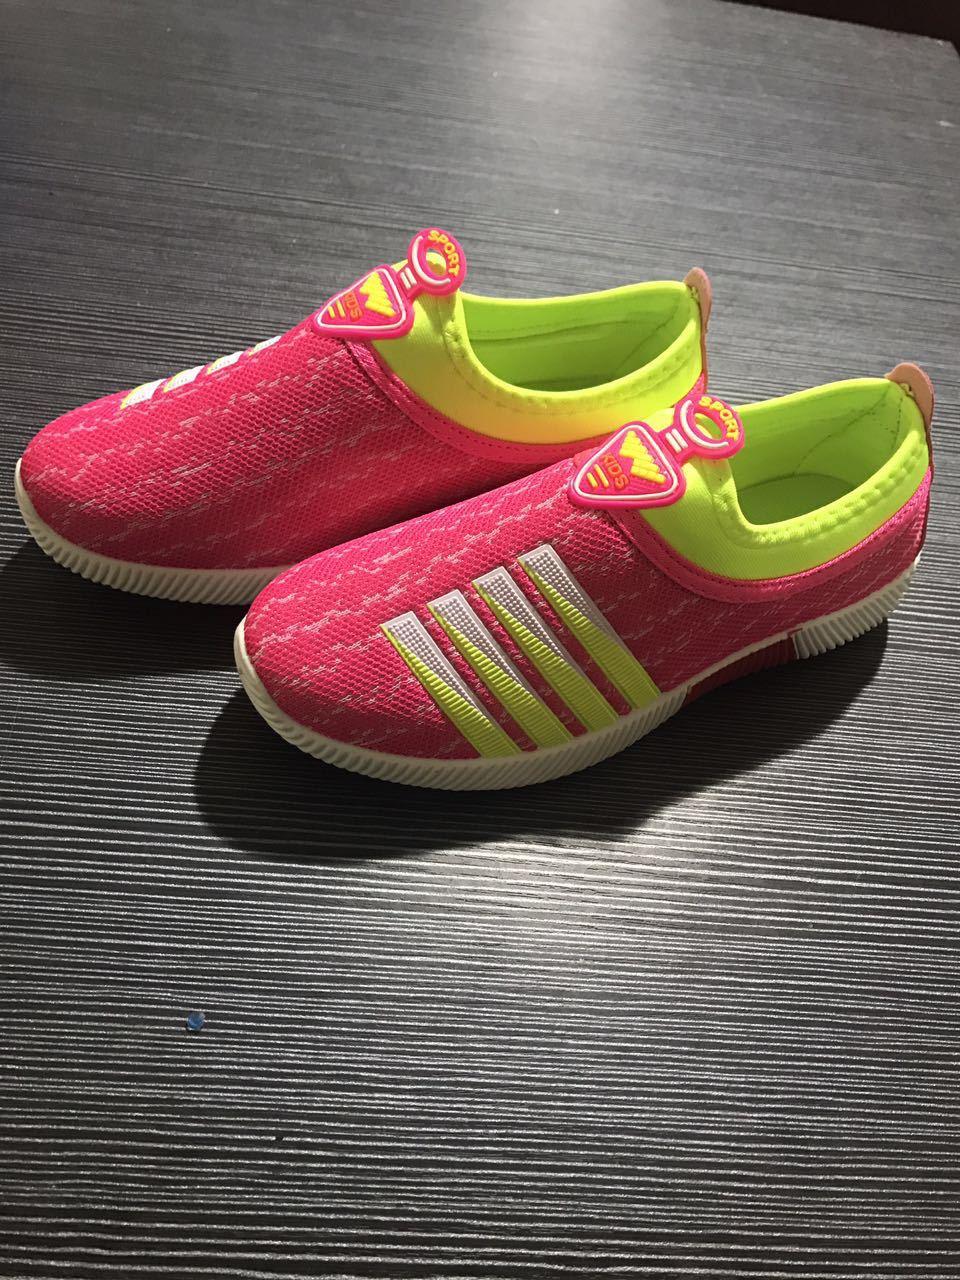 夏季男童鞋儿童运动鞋时尚小孩男孩中大童女童休闲鞋透气网鞋